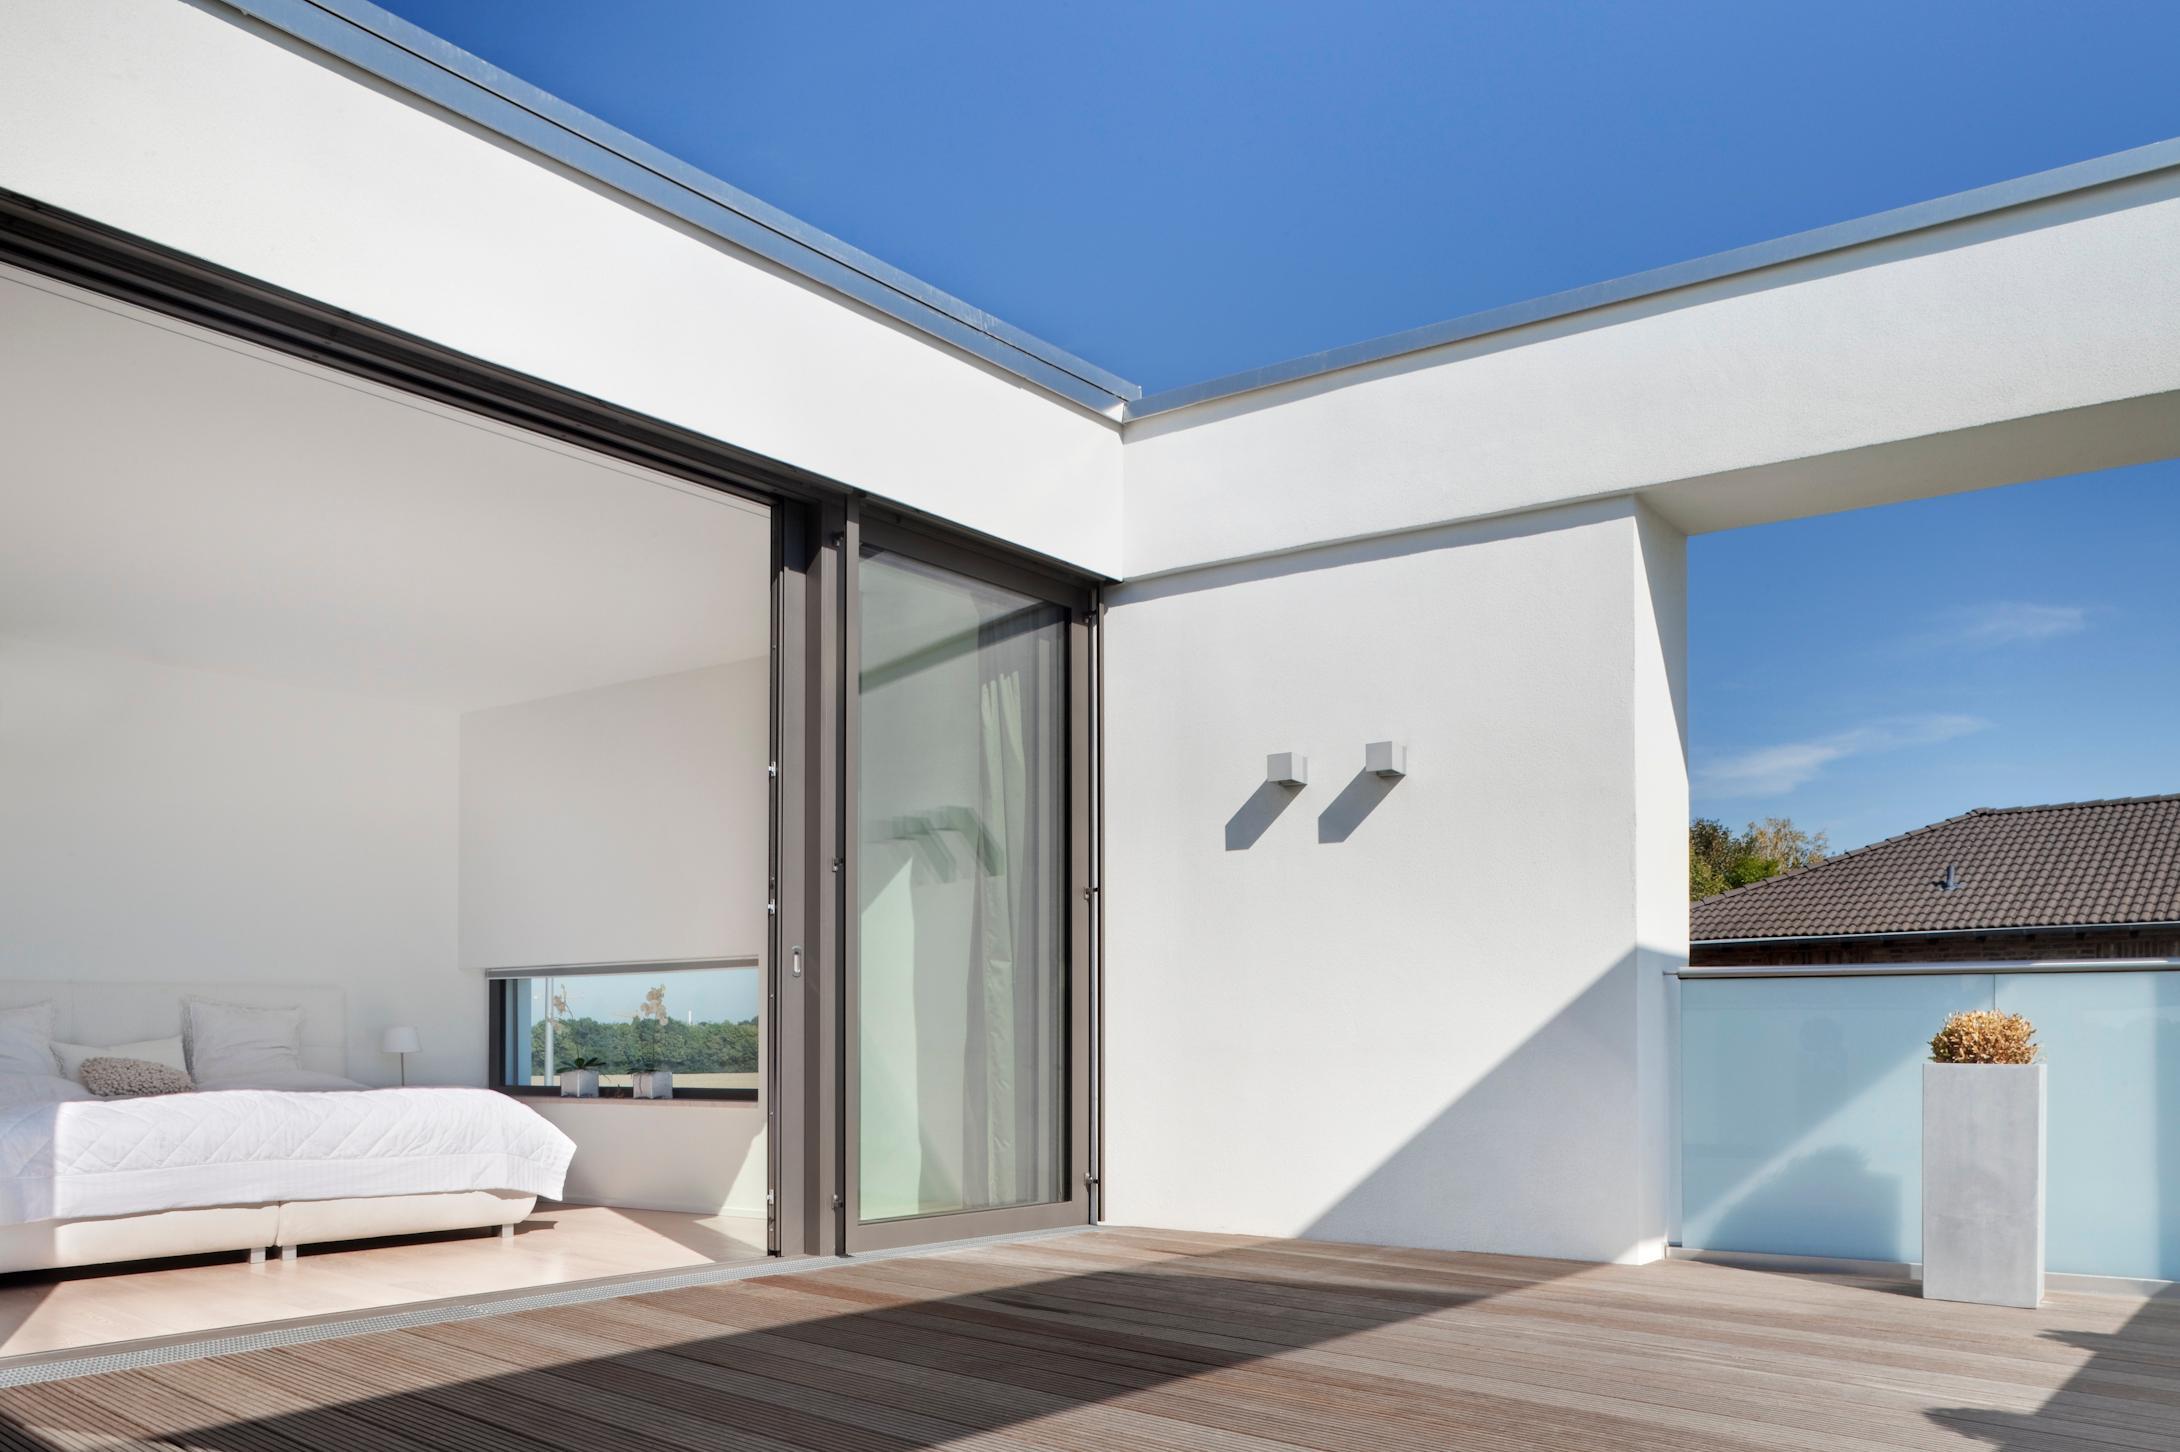 Moderne villa im mediterranen stil bauhausstil pur